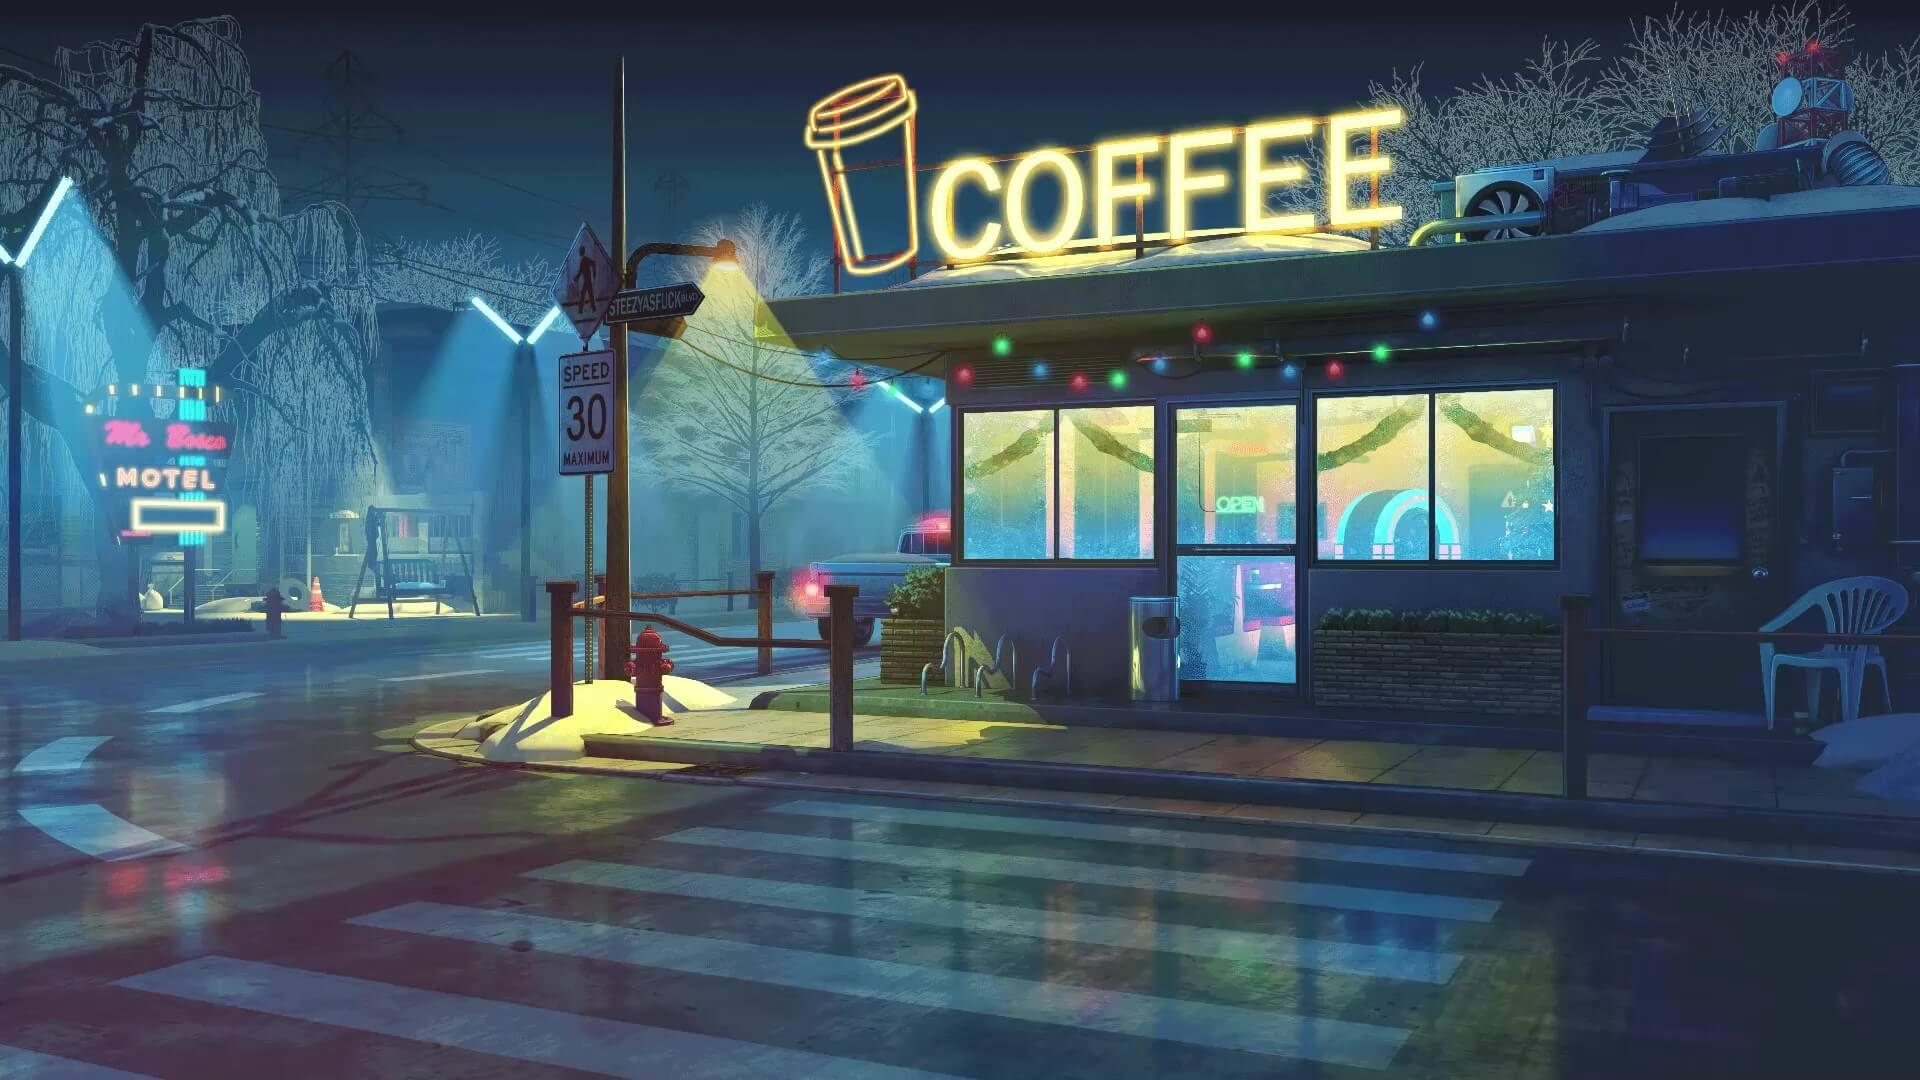 Retro Coffee Shop Live Wallpaper 1920 X 1080 Ilustracao Da Cidade Cenario Anime Cenarios Digitais